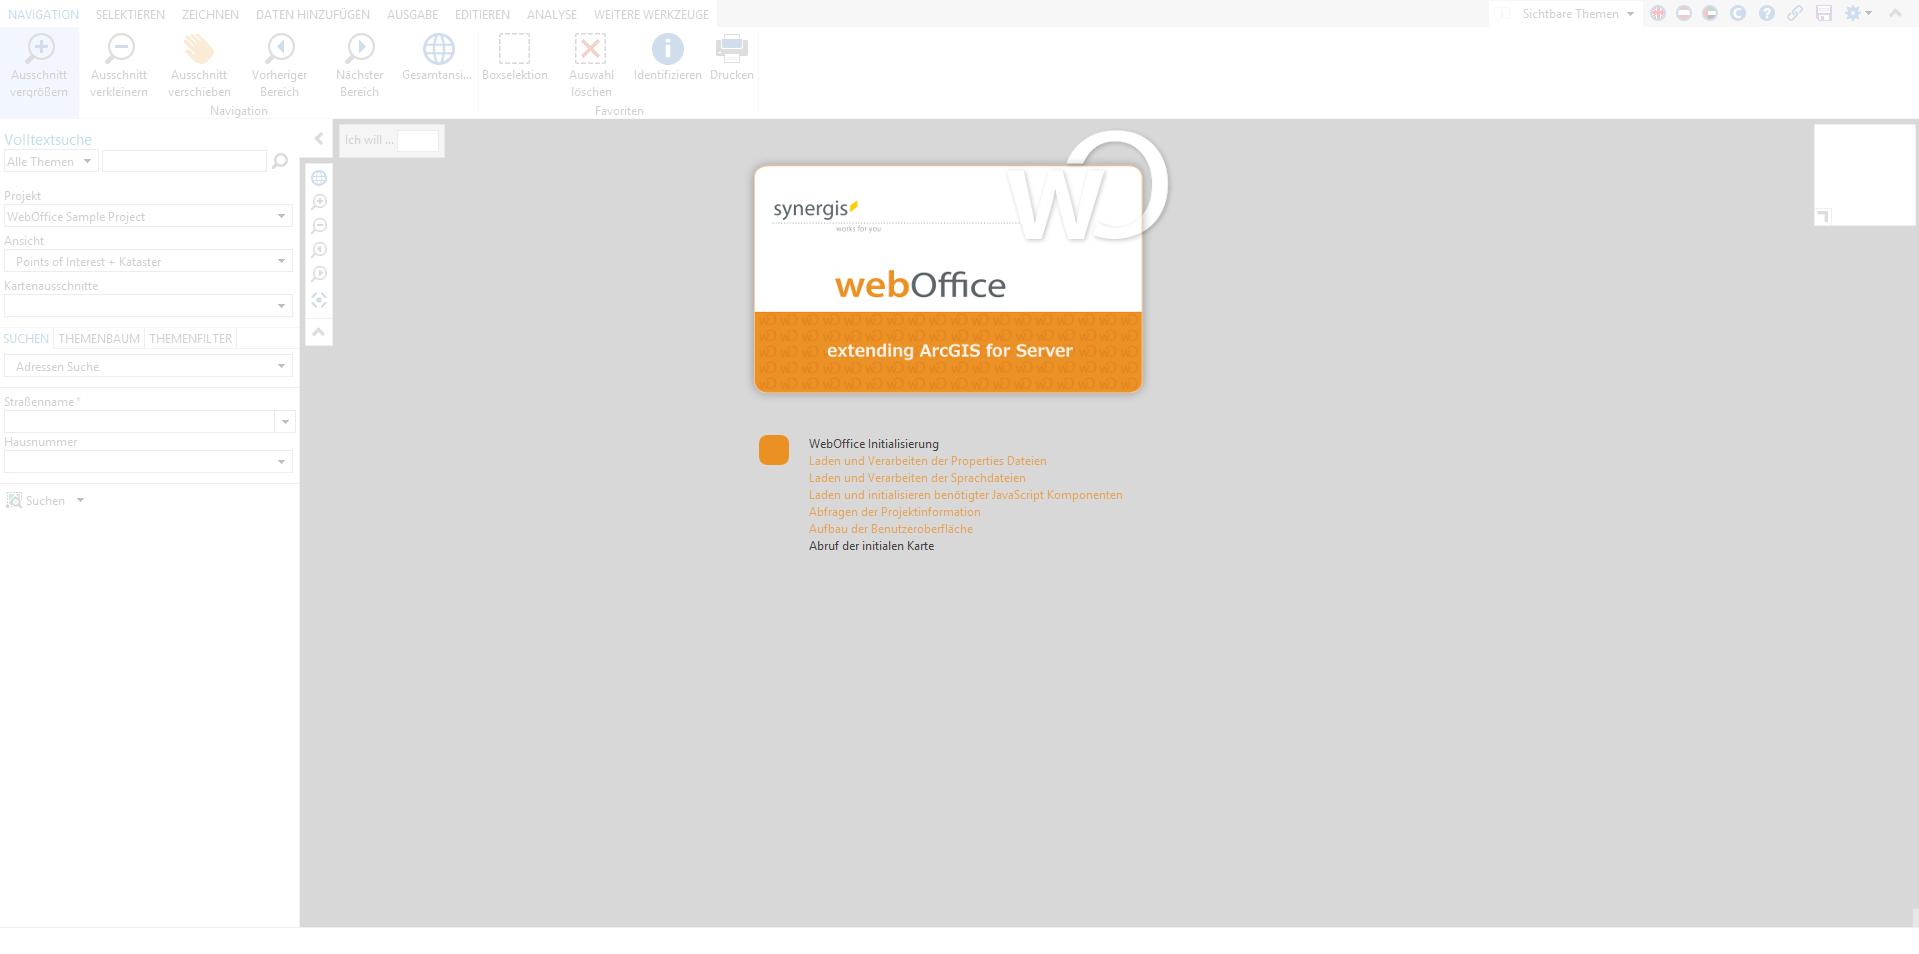 Benutzerdefinierte graue Hintergrundfarbe im Kartenbereich des WebOffice core Clients